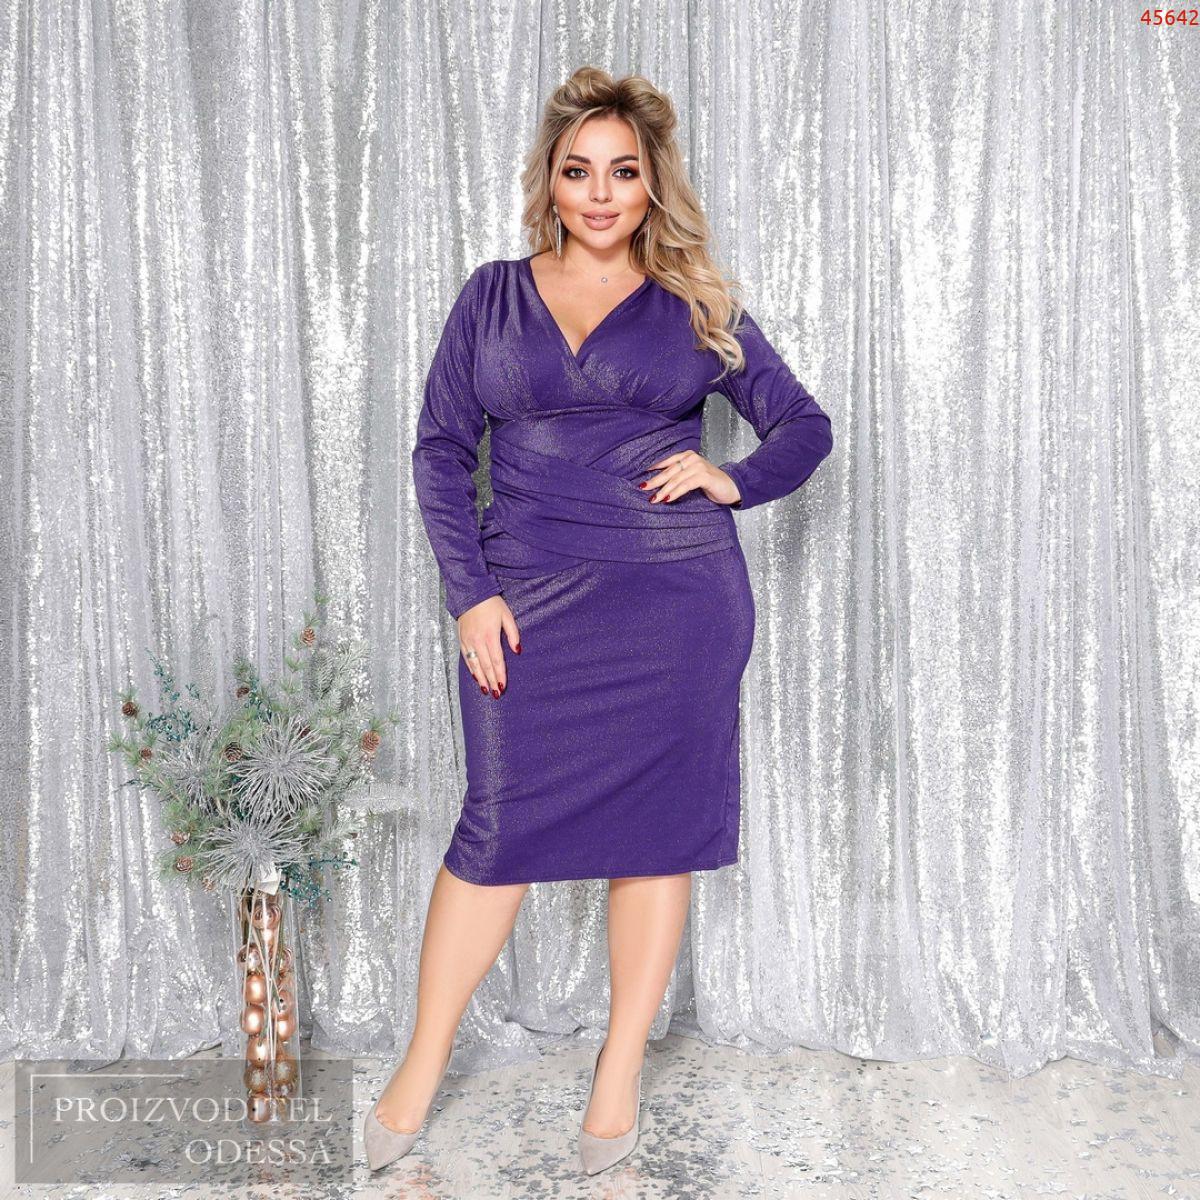 Платье №45642